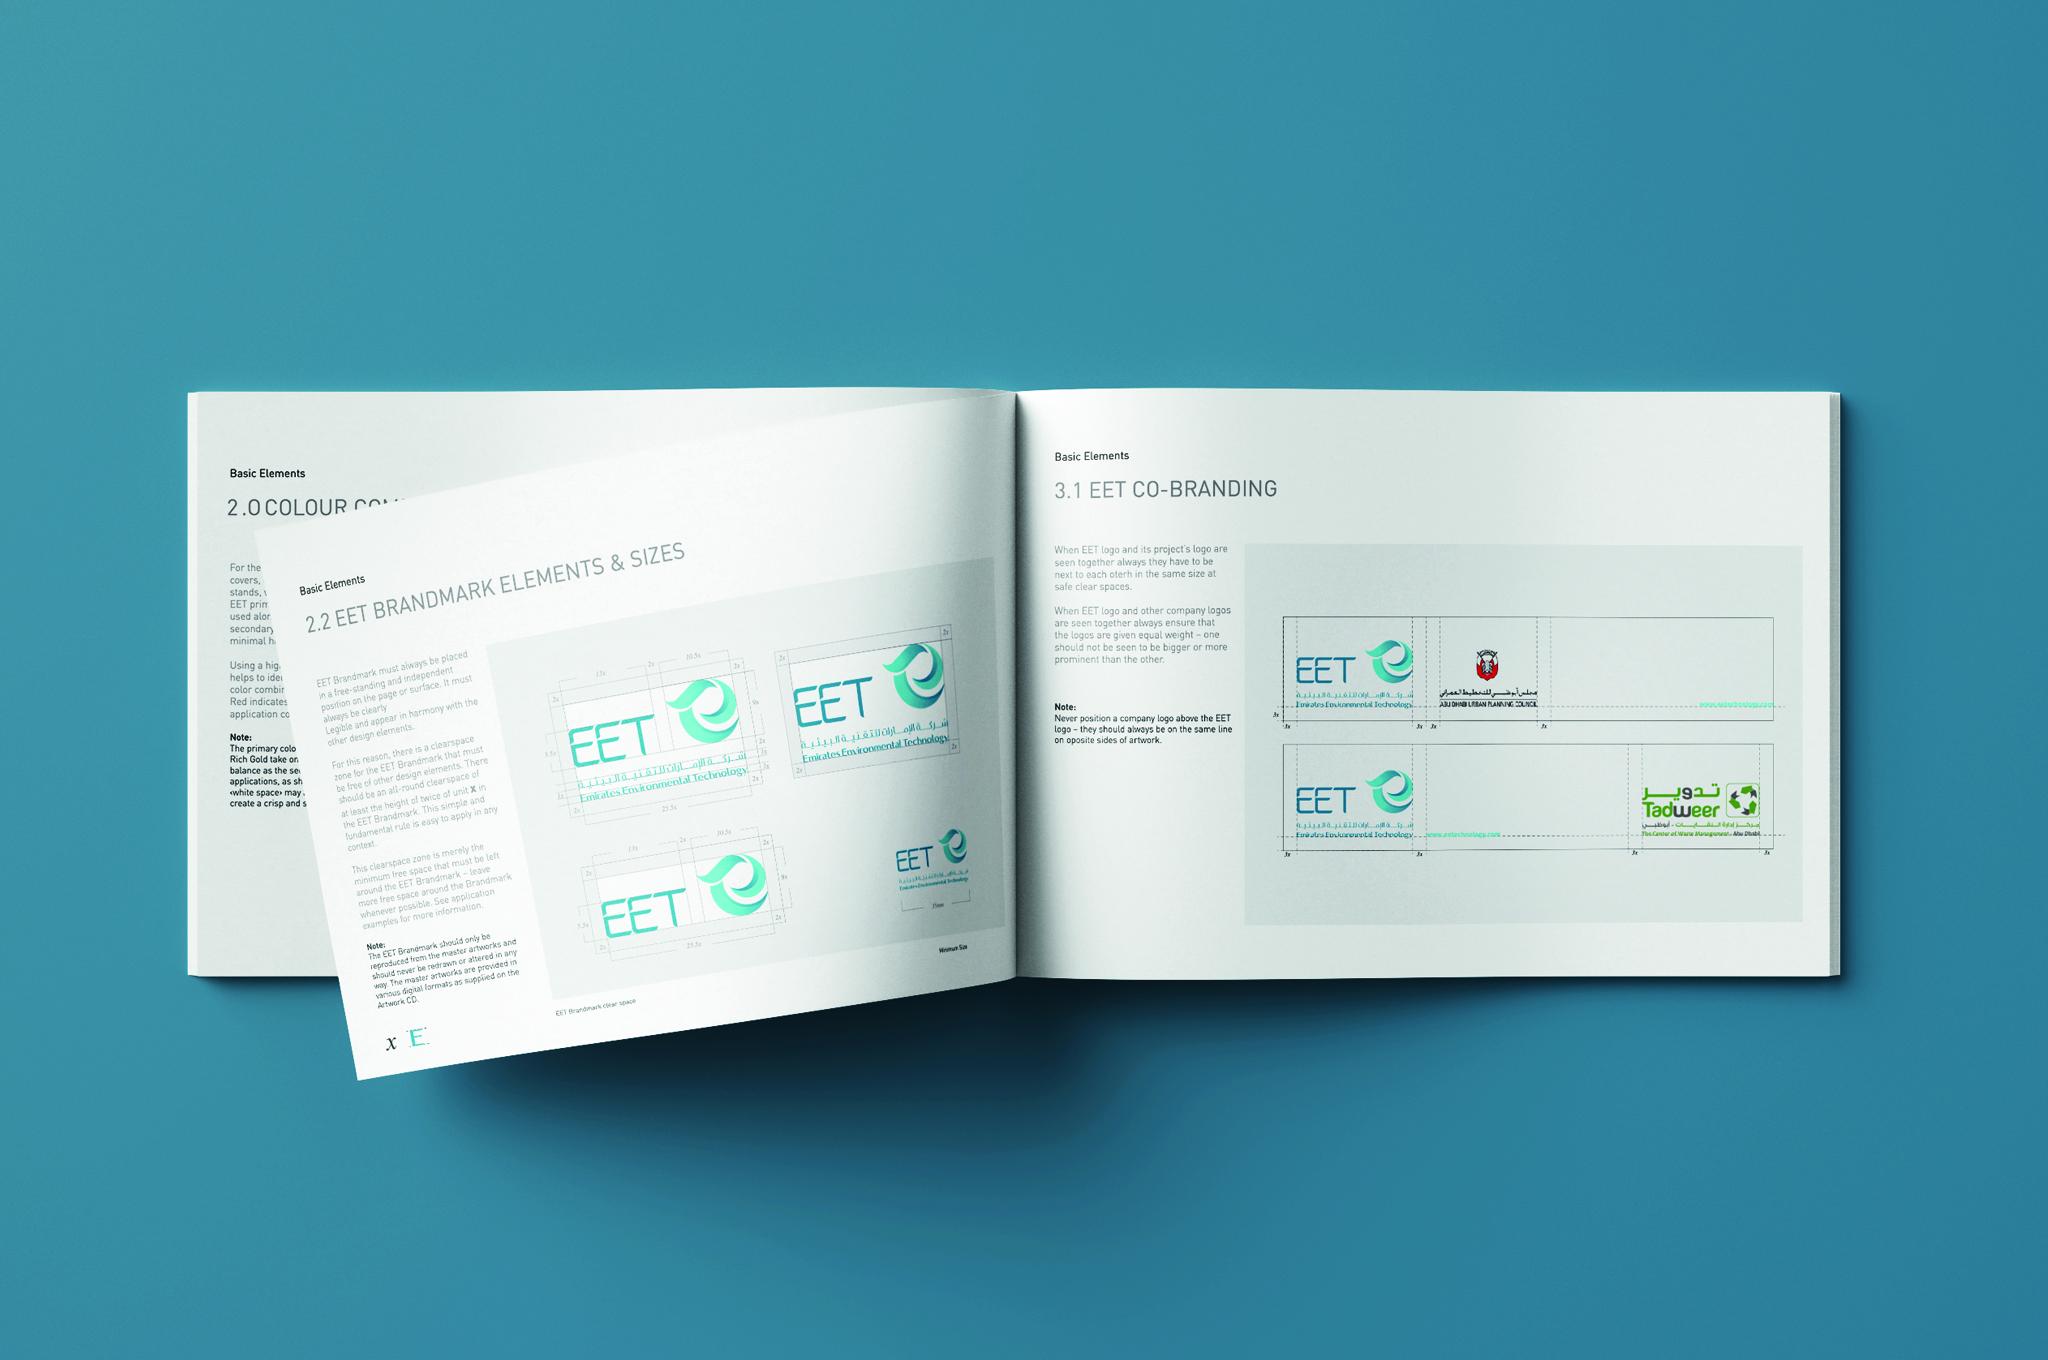 eet-new3